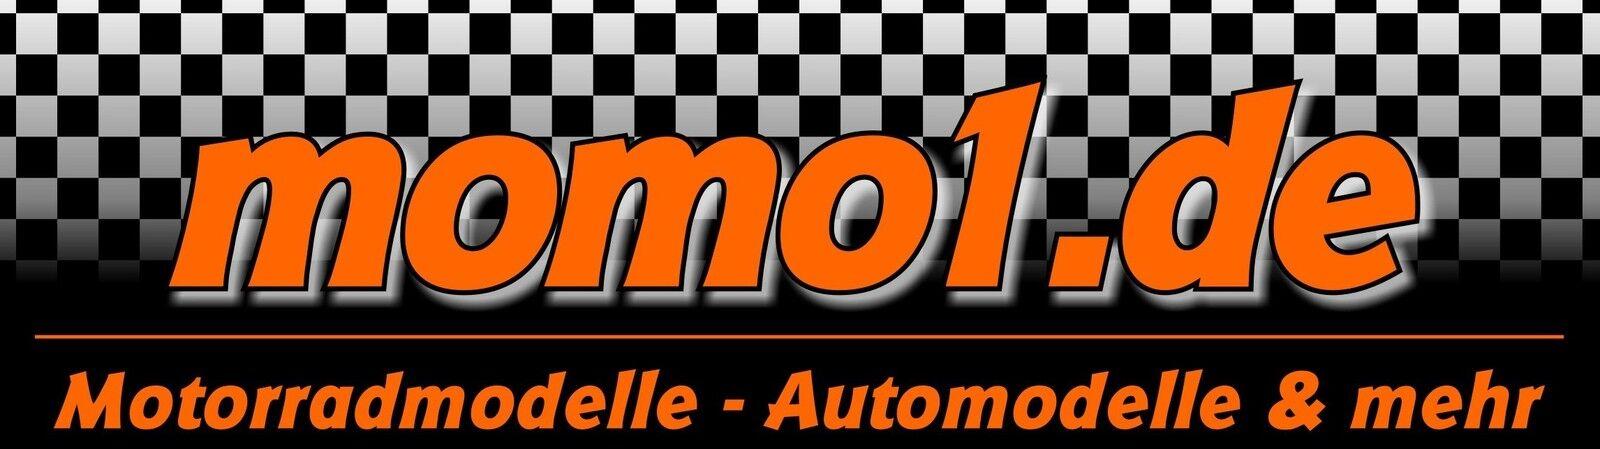 motorradmodelle